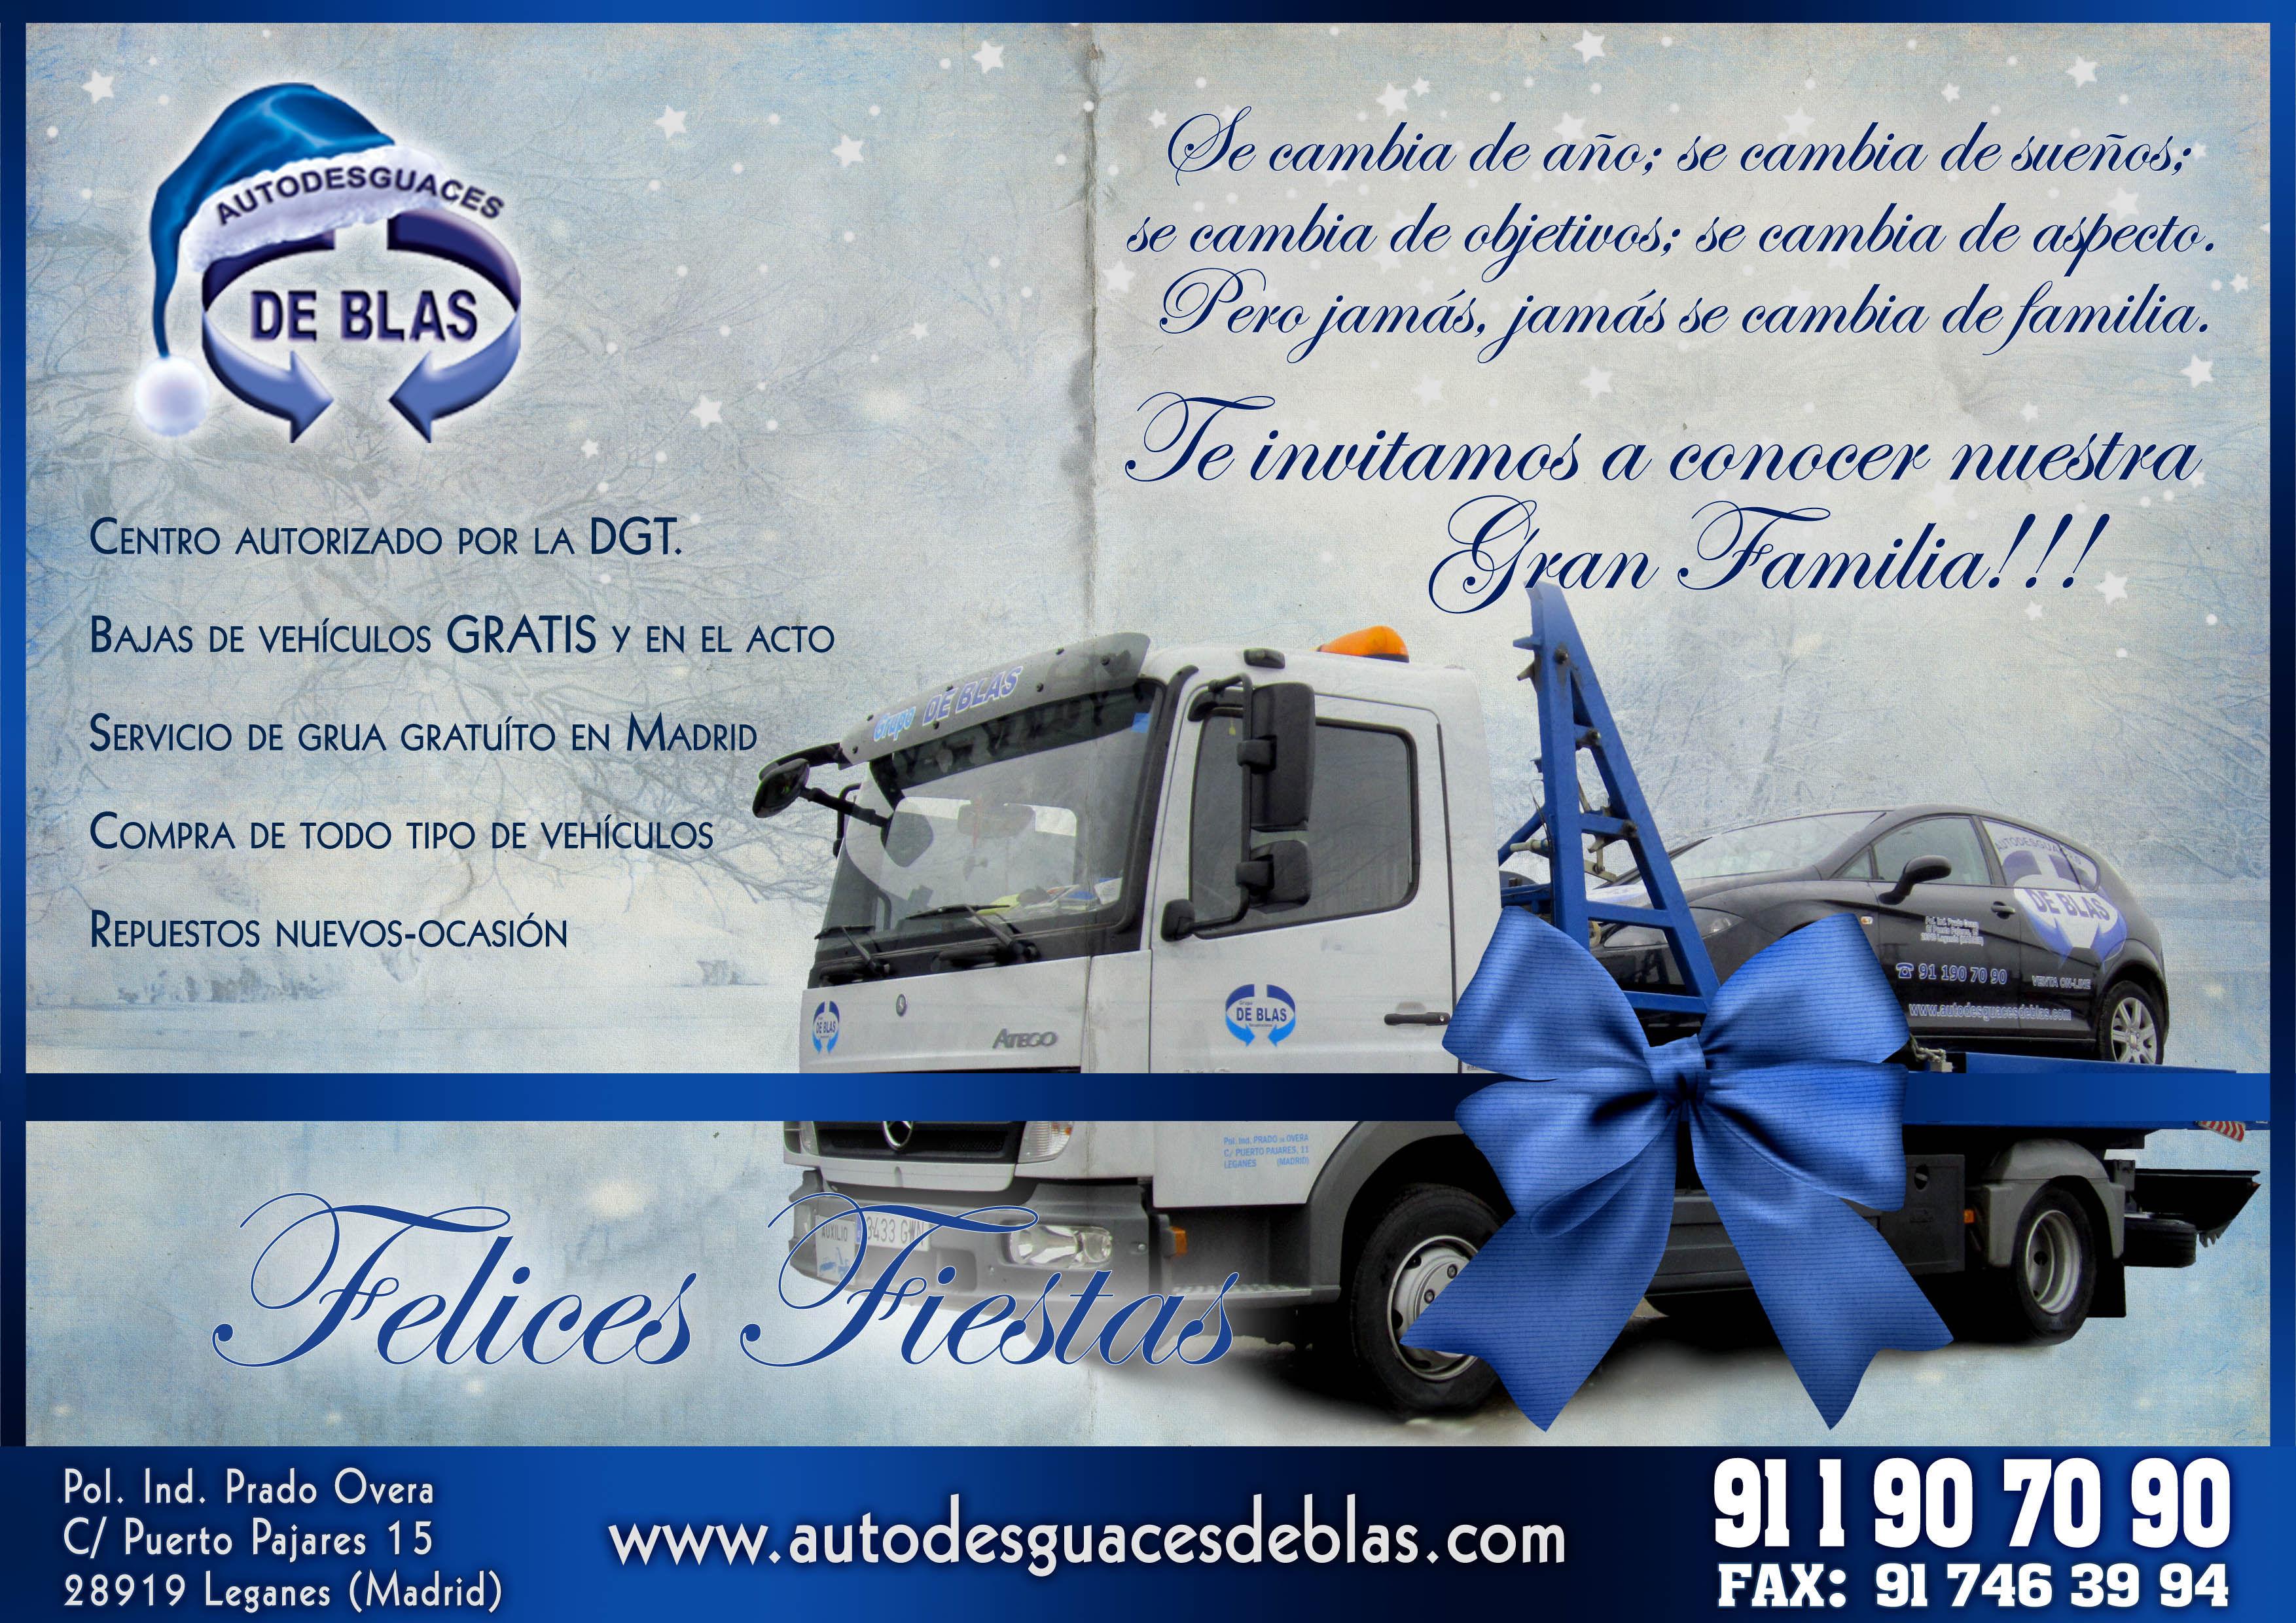 FELICES FIESTAS Y PROSPERO AÑO 2013!